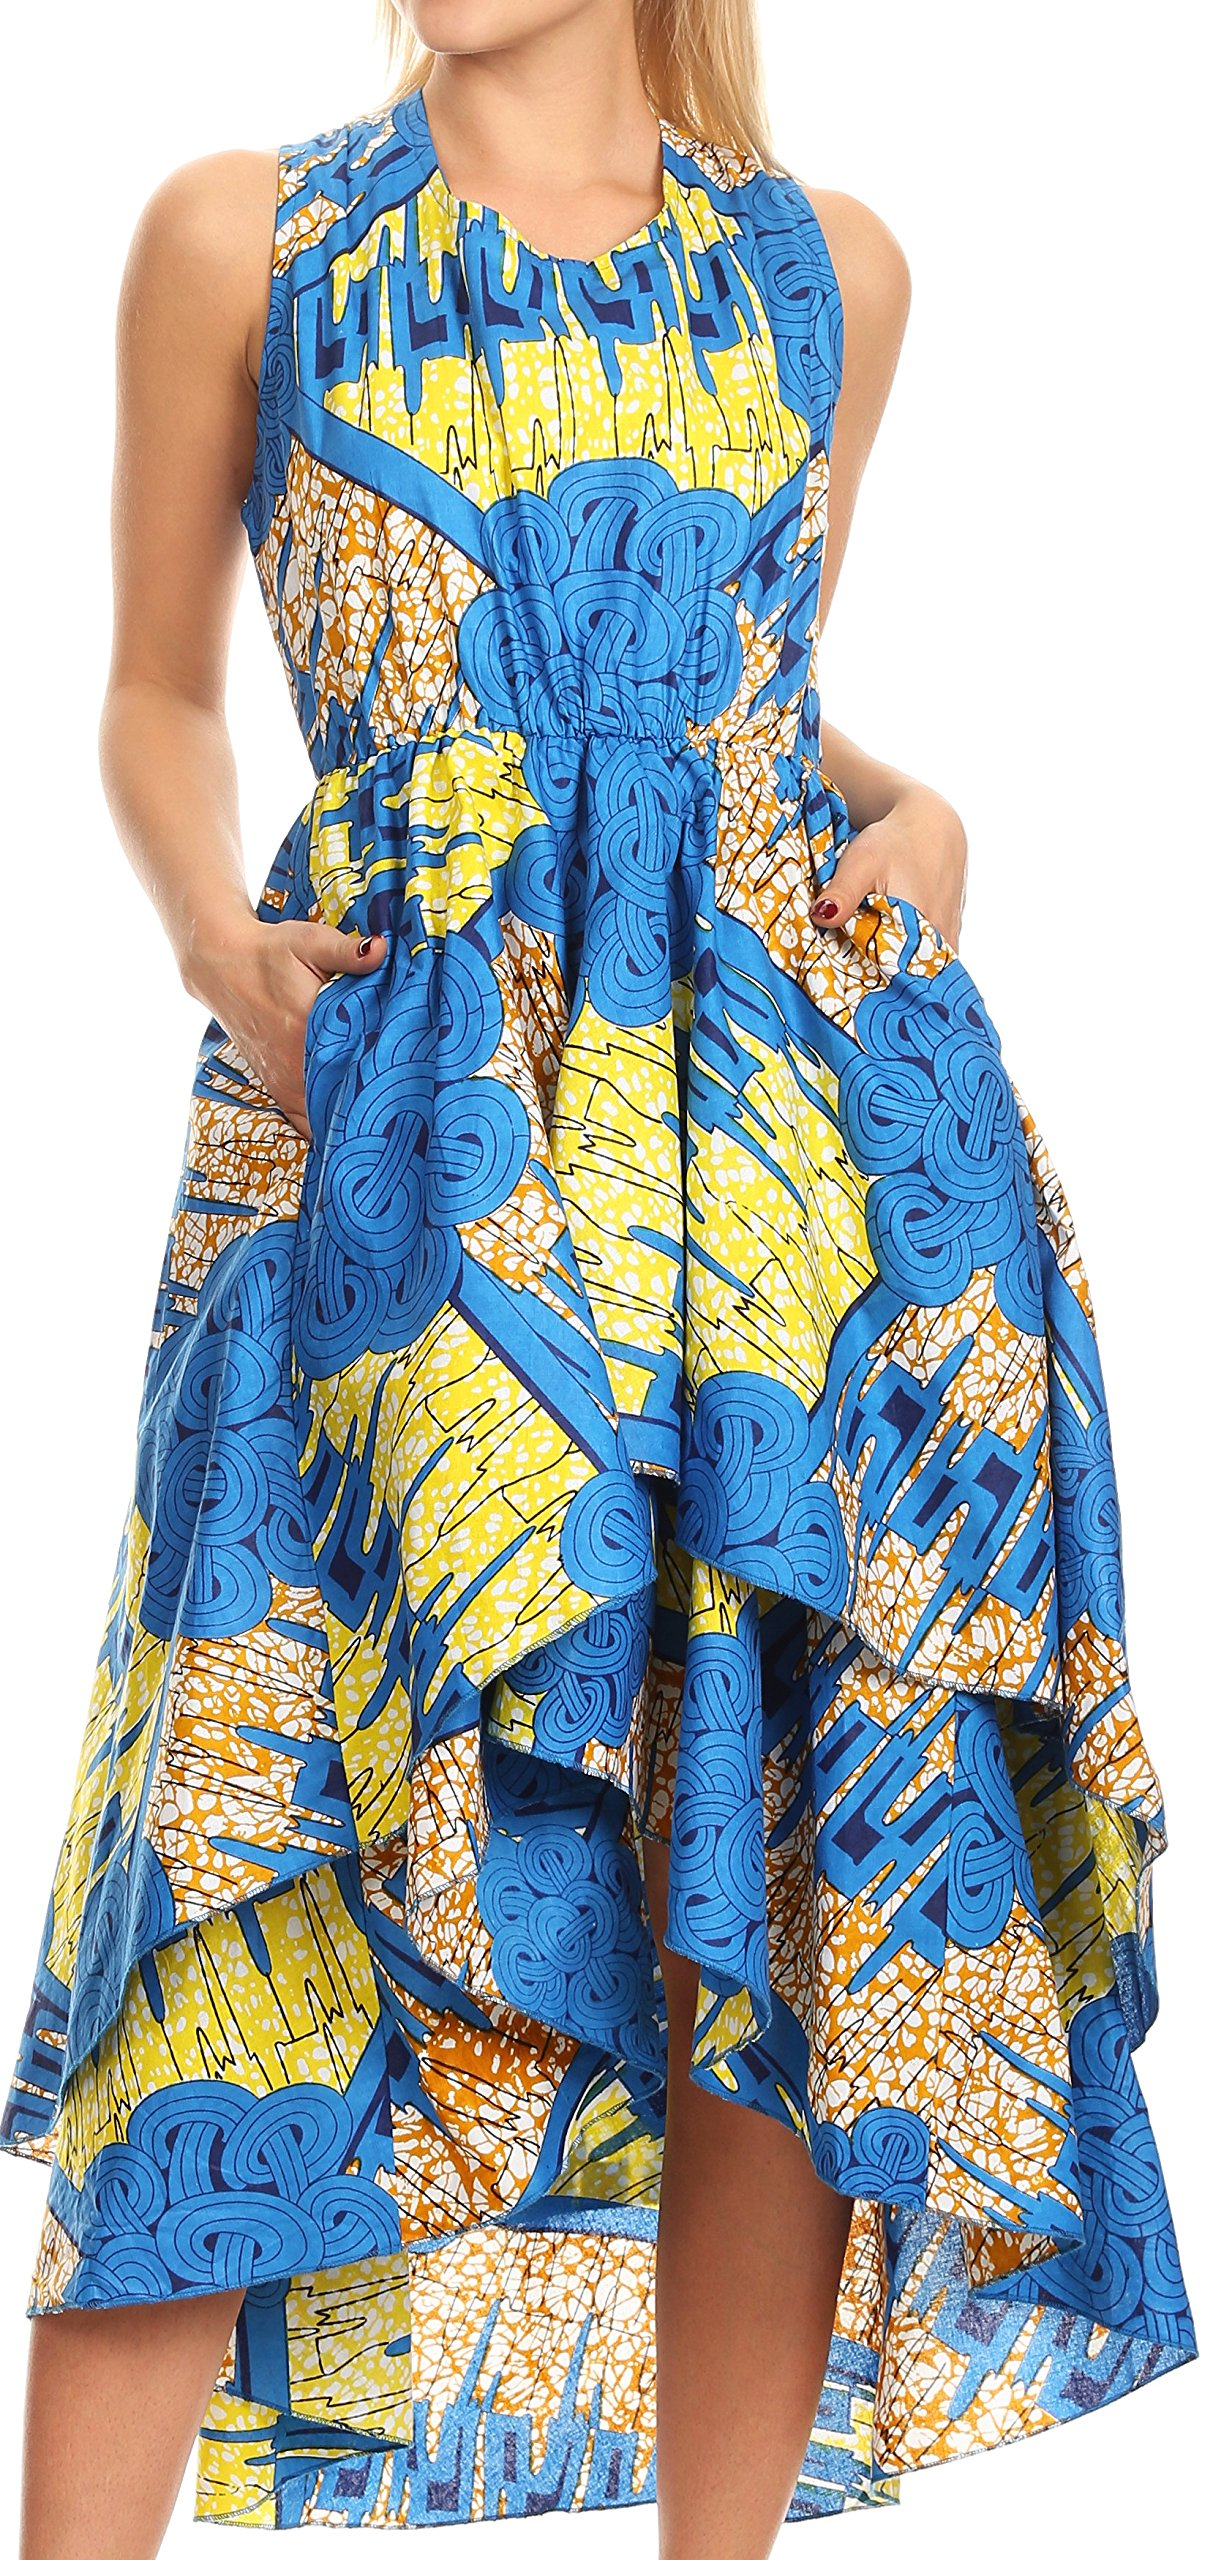 Sakkas WD1624 - ADA Ankara Wax Dutch African Sleeveless Dress Cascading Hi Low Layers - 1145 Turq/Lemon-Deco - OS